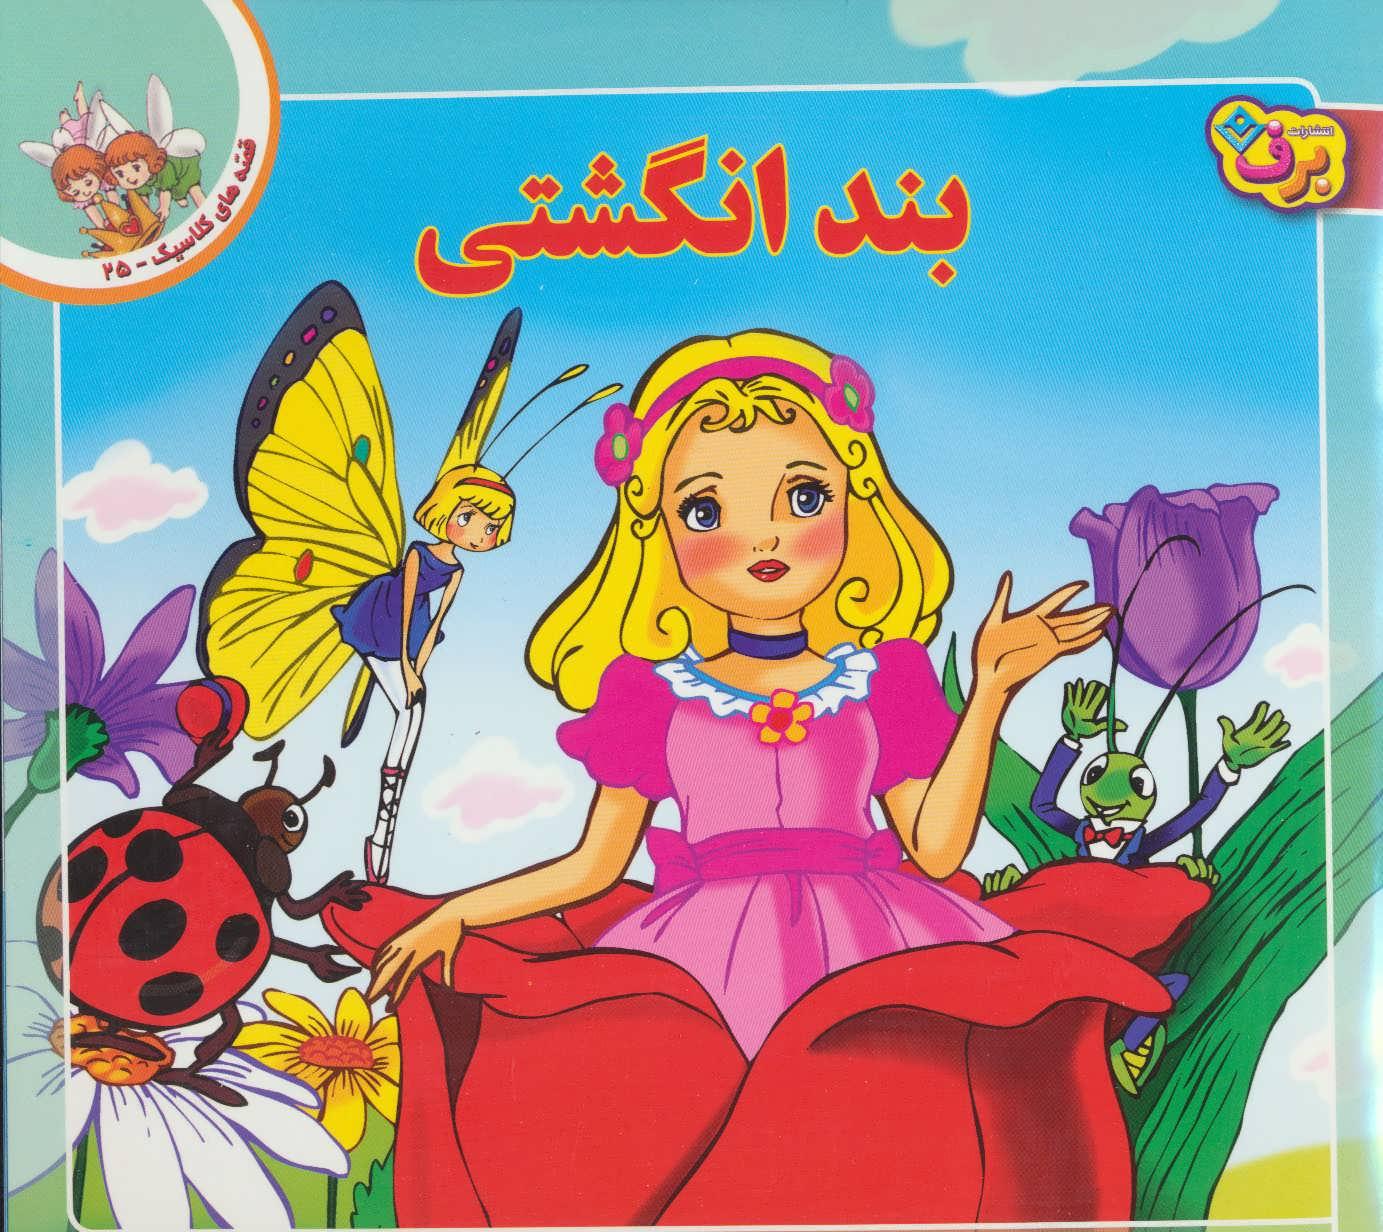 قصه های کلاسیک25 (بند انگشتی)